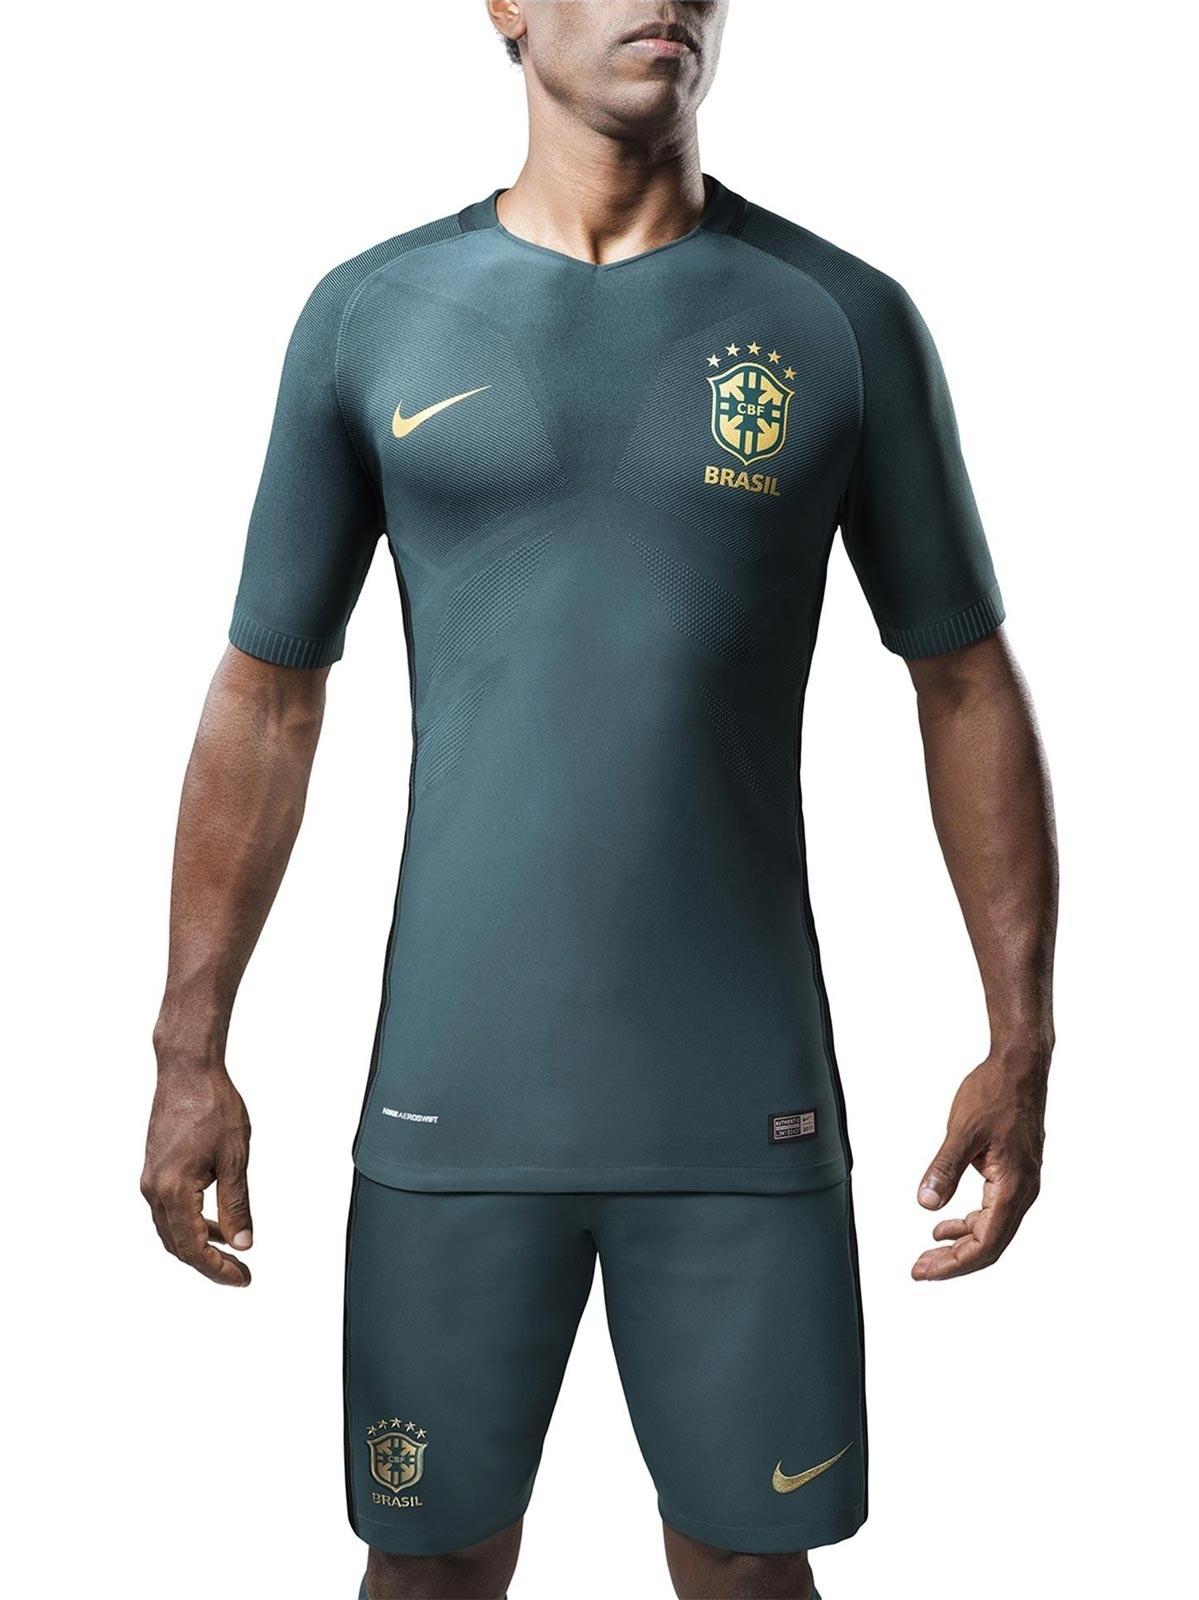 Seleção terá nova camisa 3 em verde escuro